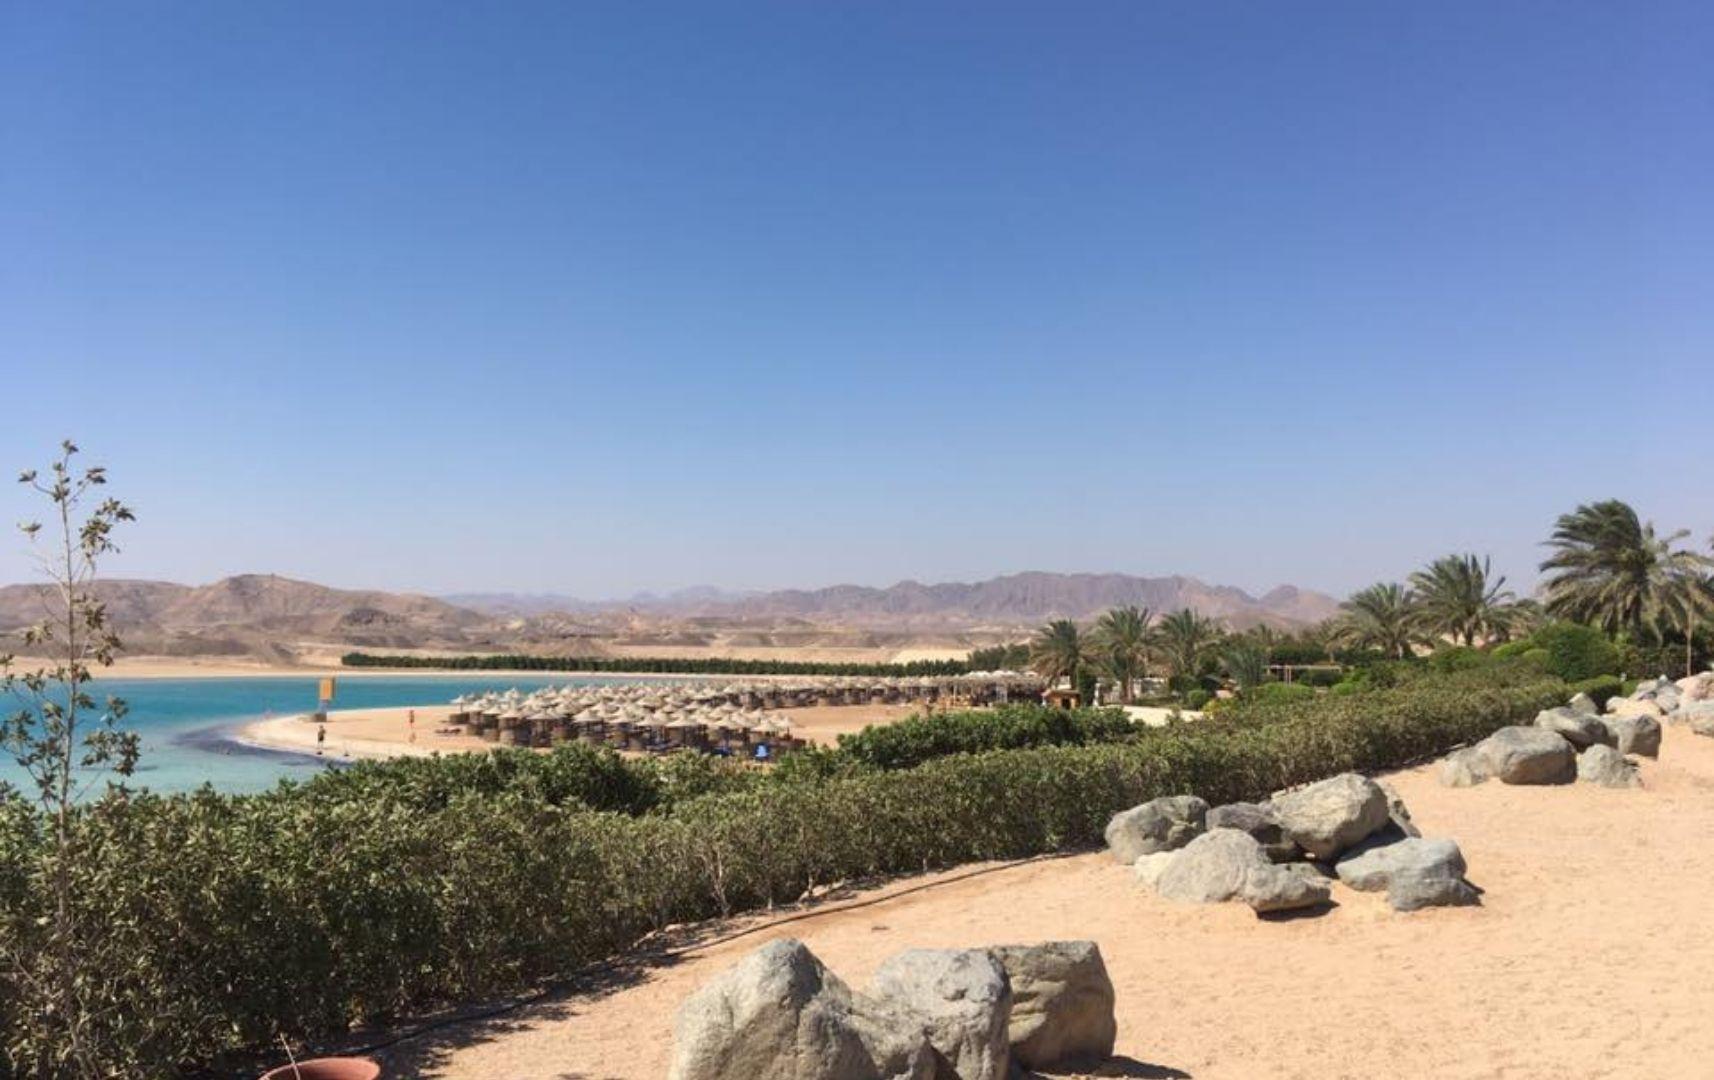 Ägypten Reisebericht Reiseart